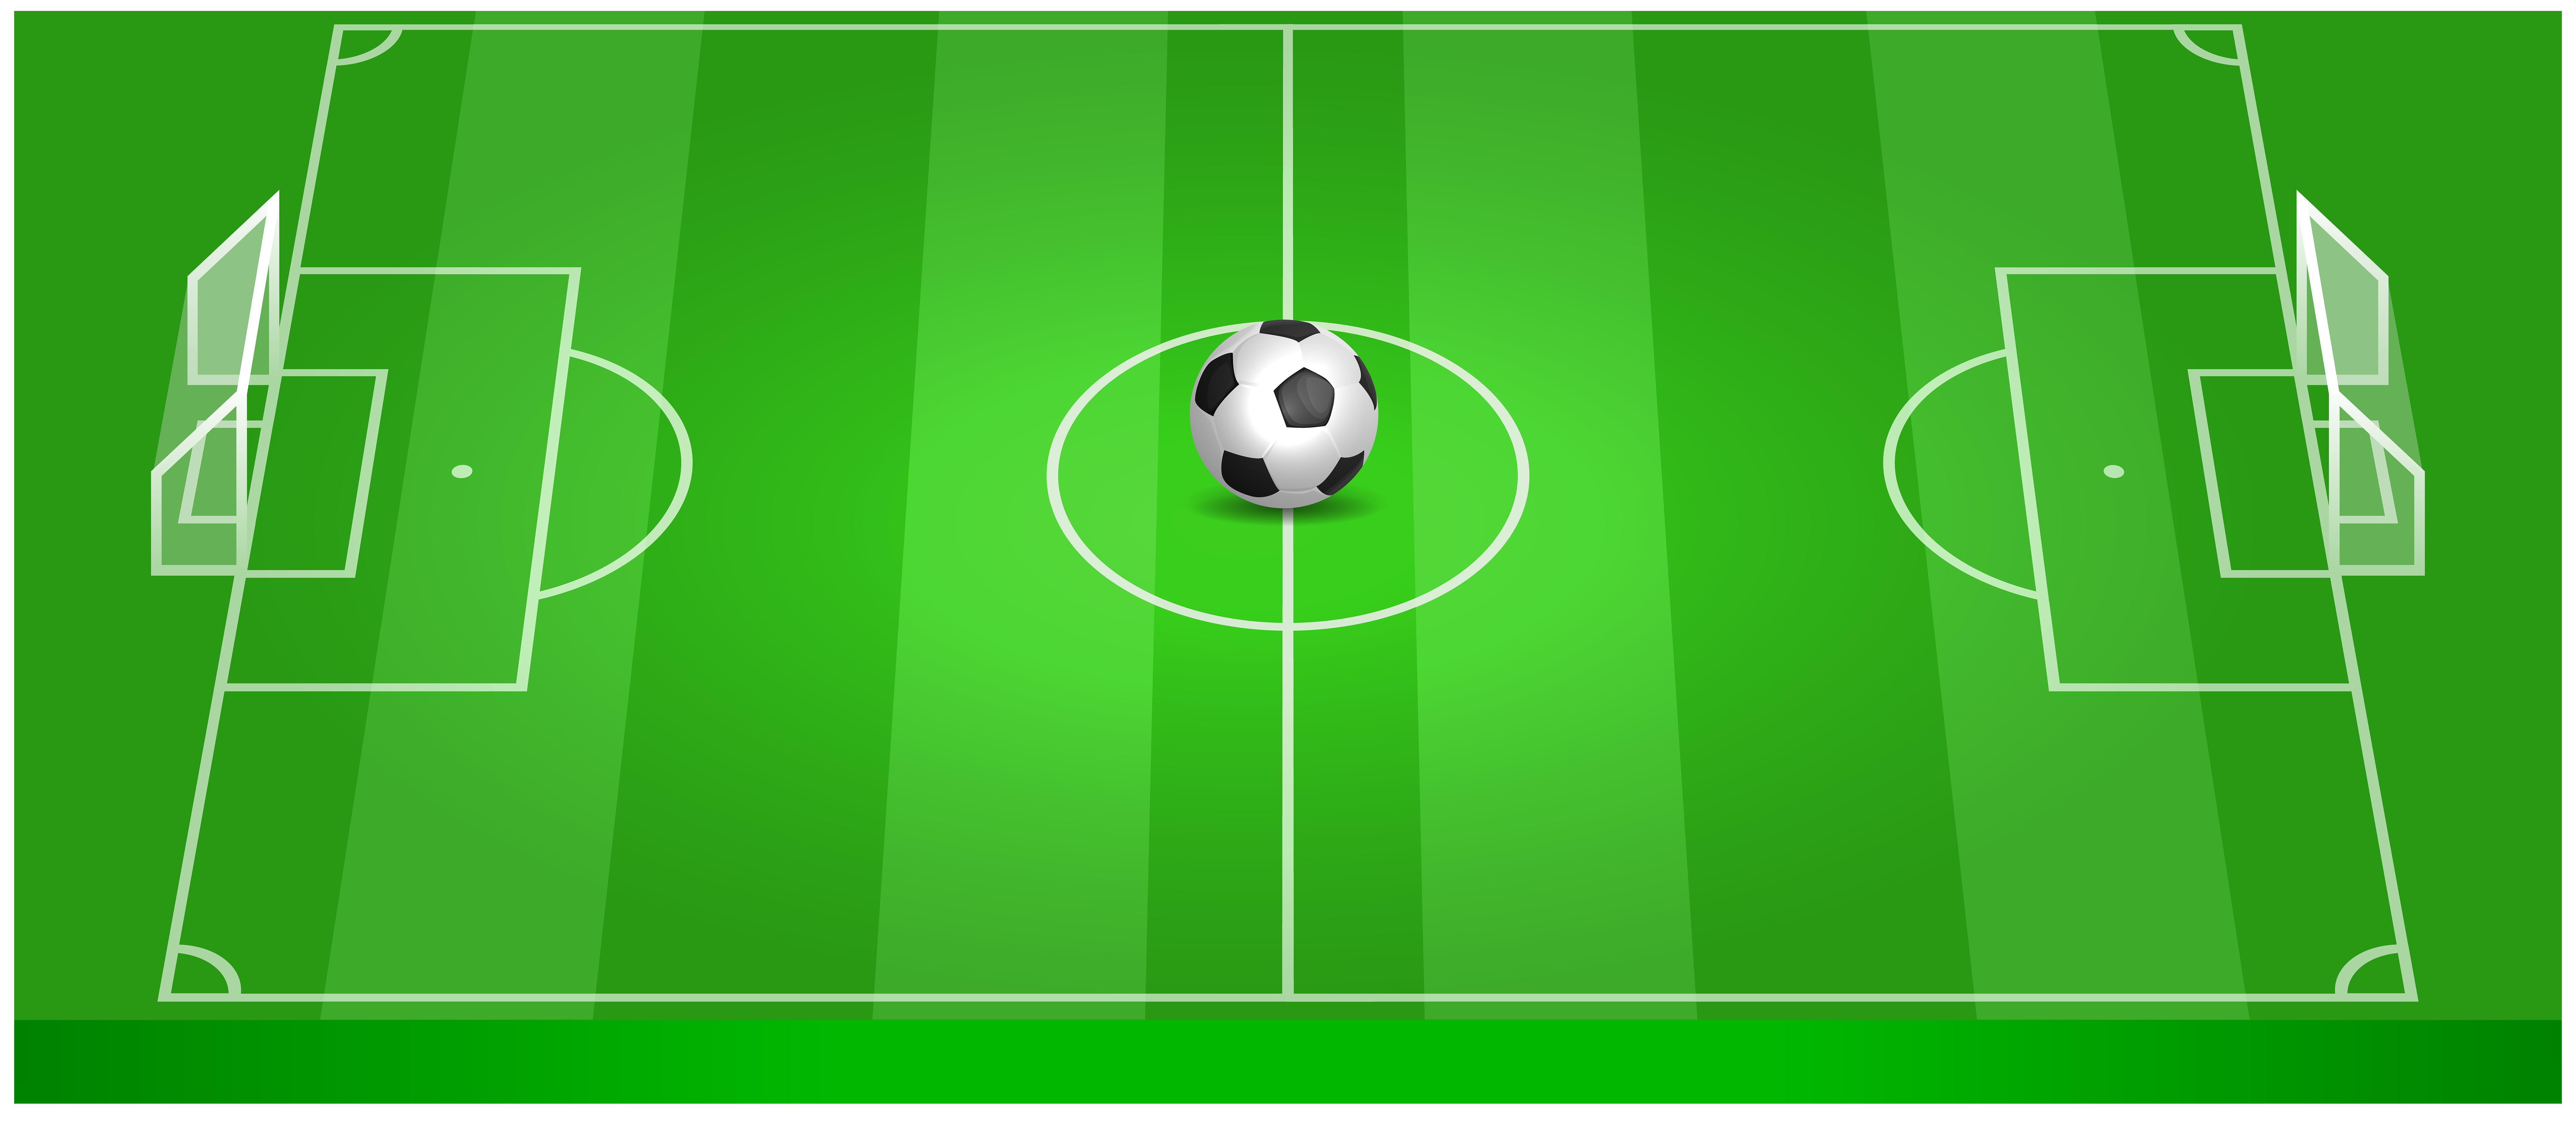 Football field png clip. Clipart grass soccer